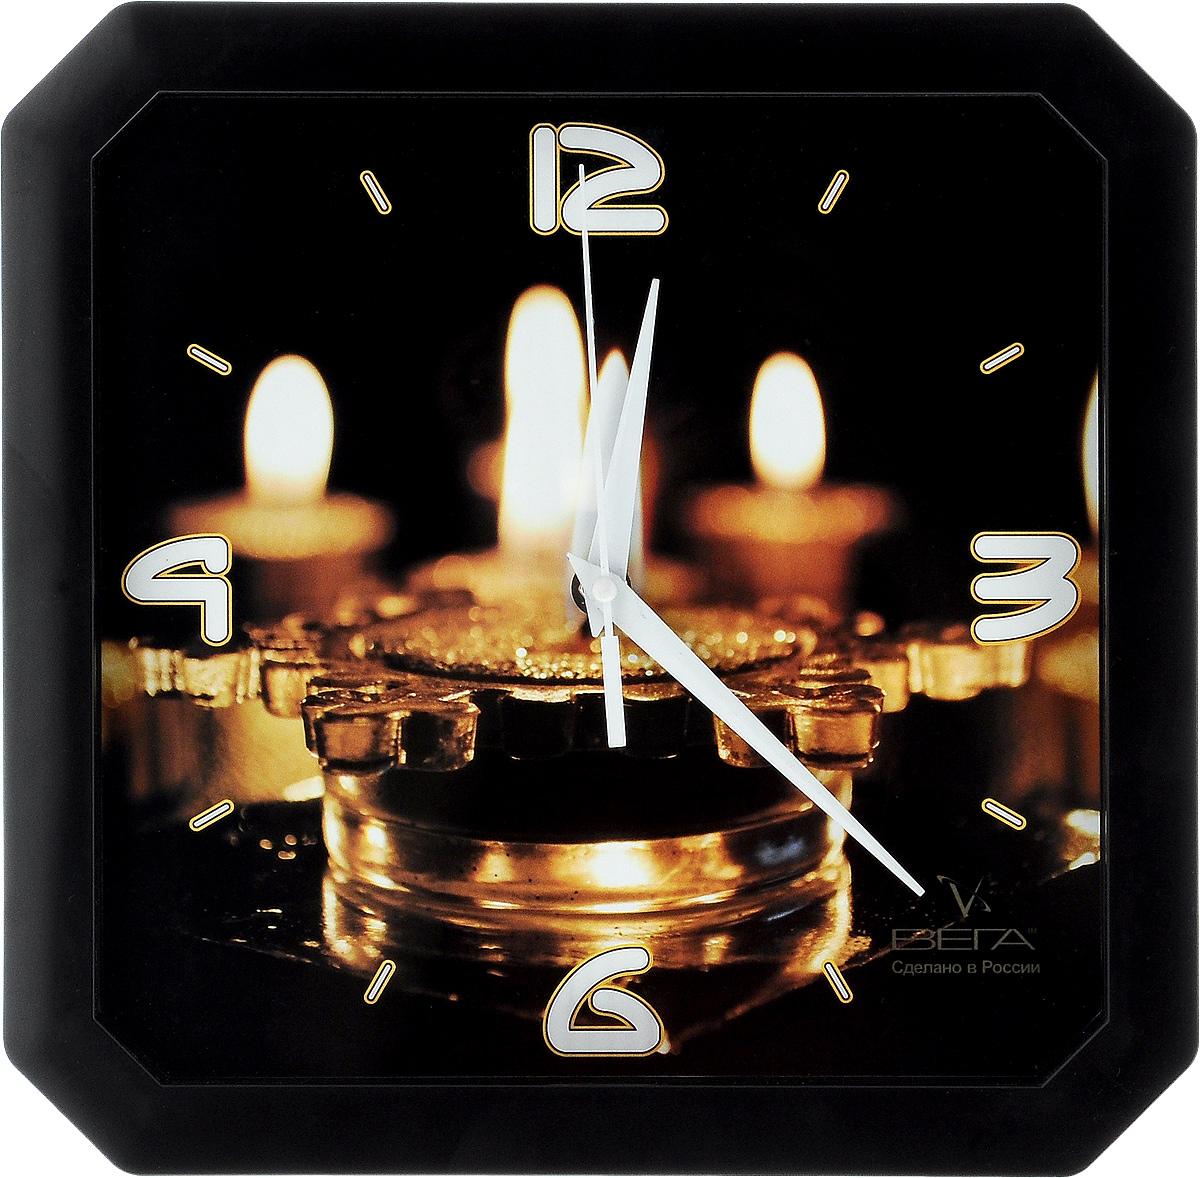 Часы настенные Вега Свечи, 28 х 28 смП4-6/6-59Настенные кварцевые часы Вега Свечи, изготовленные из пластика, прекрасно впишутся в интерьер вашего дома. Часы имеют три стрелки: часовую, минутную и секундную, циферблат защищен прозрачным стеклом. Часы работают от 1 батарейки типа АА напряжением 1,5 В (не входит в комплект). Прилагается инструкция по эксплуатации.